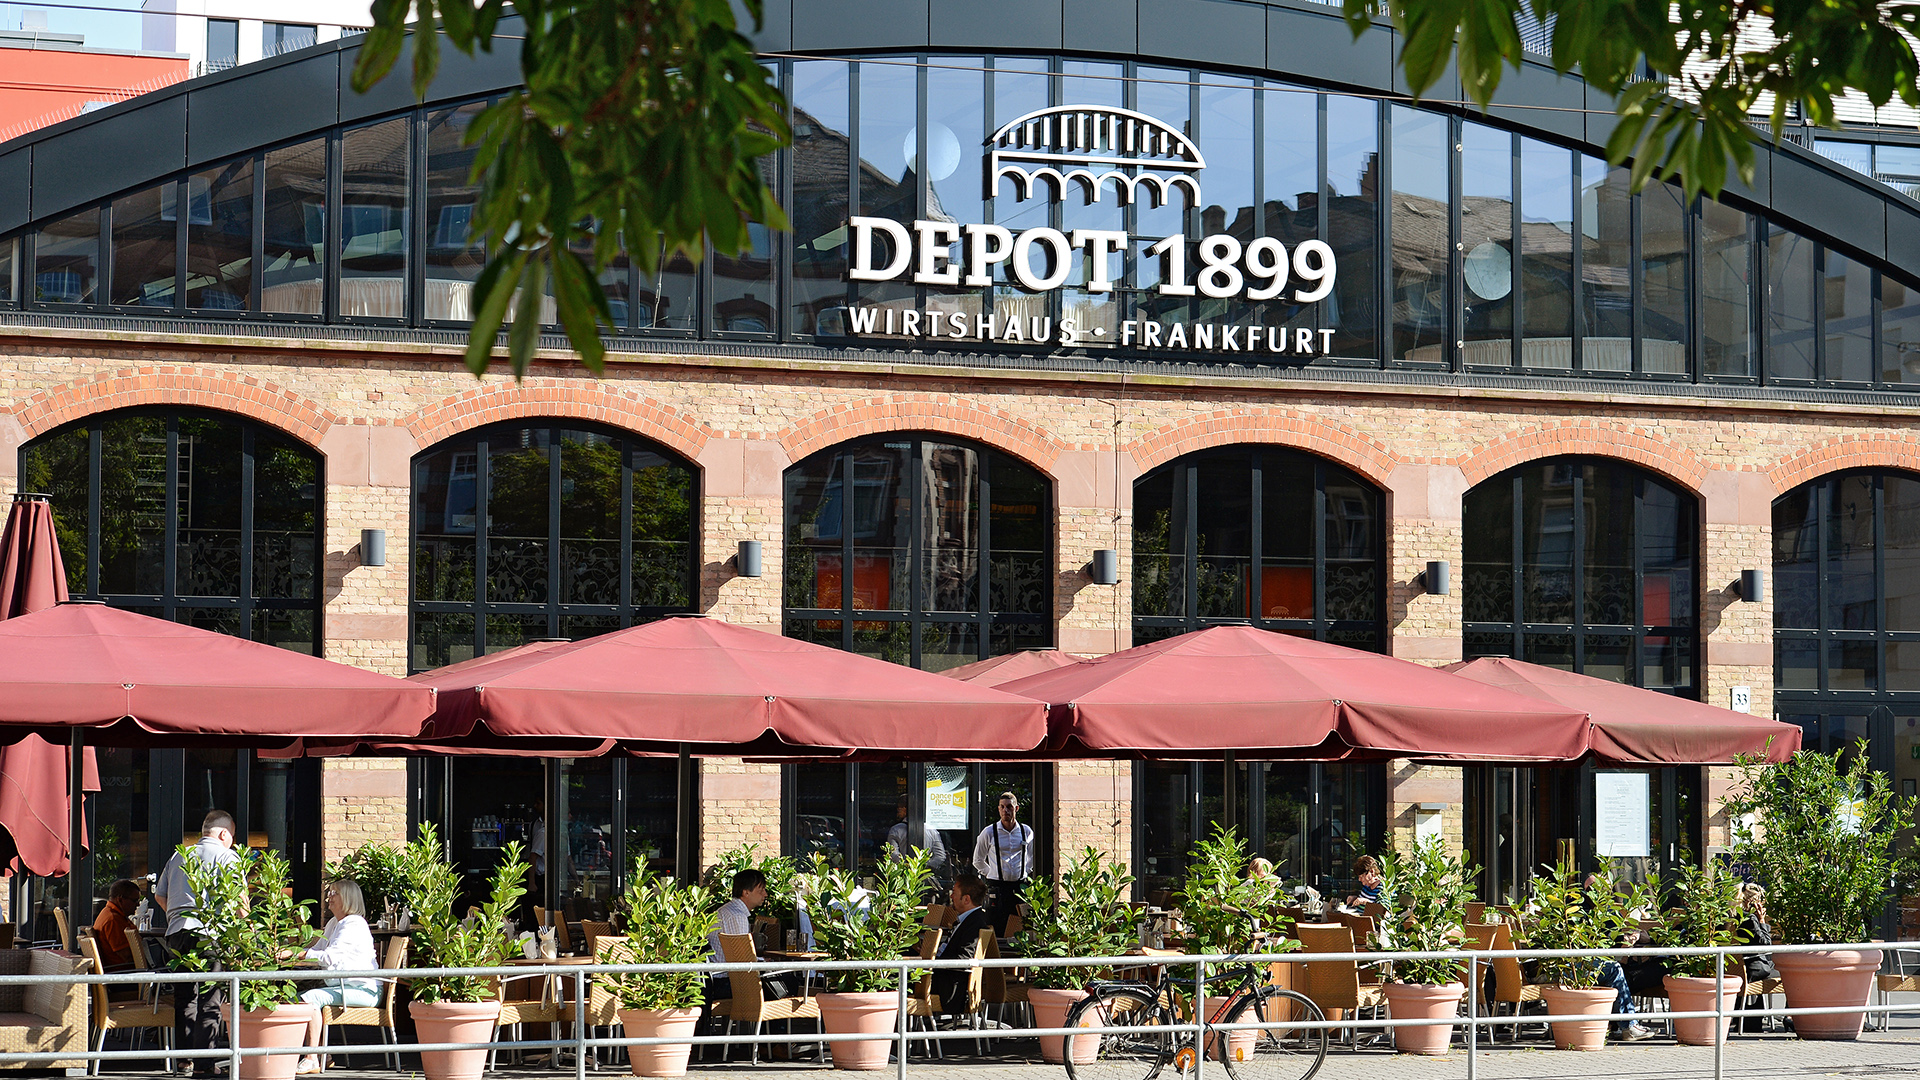 Depot 1899 Hochzeitslocation Fiylo